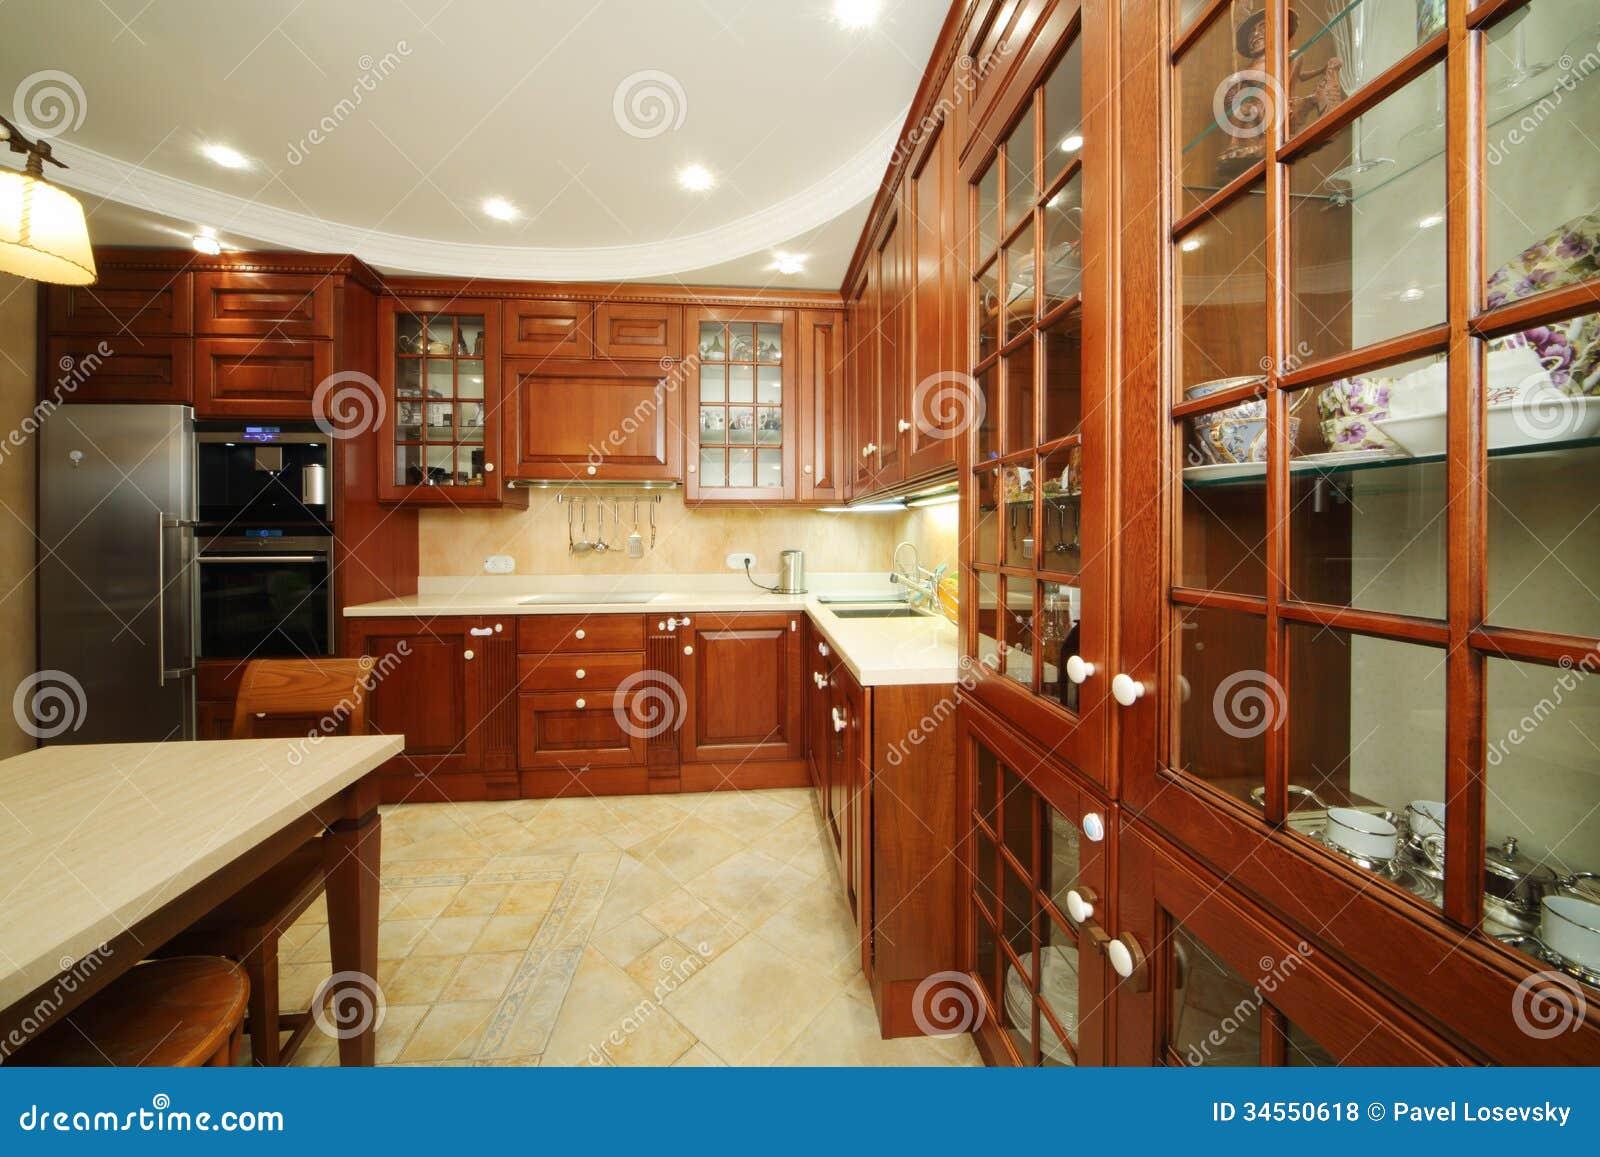 Cuisine avec les meubles en bois photo stock image 34550618 for Porte de meuble de cuisine en bois